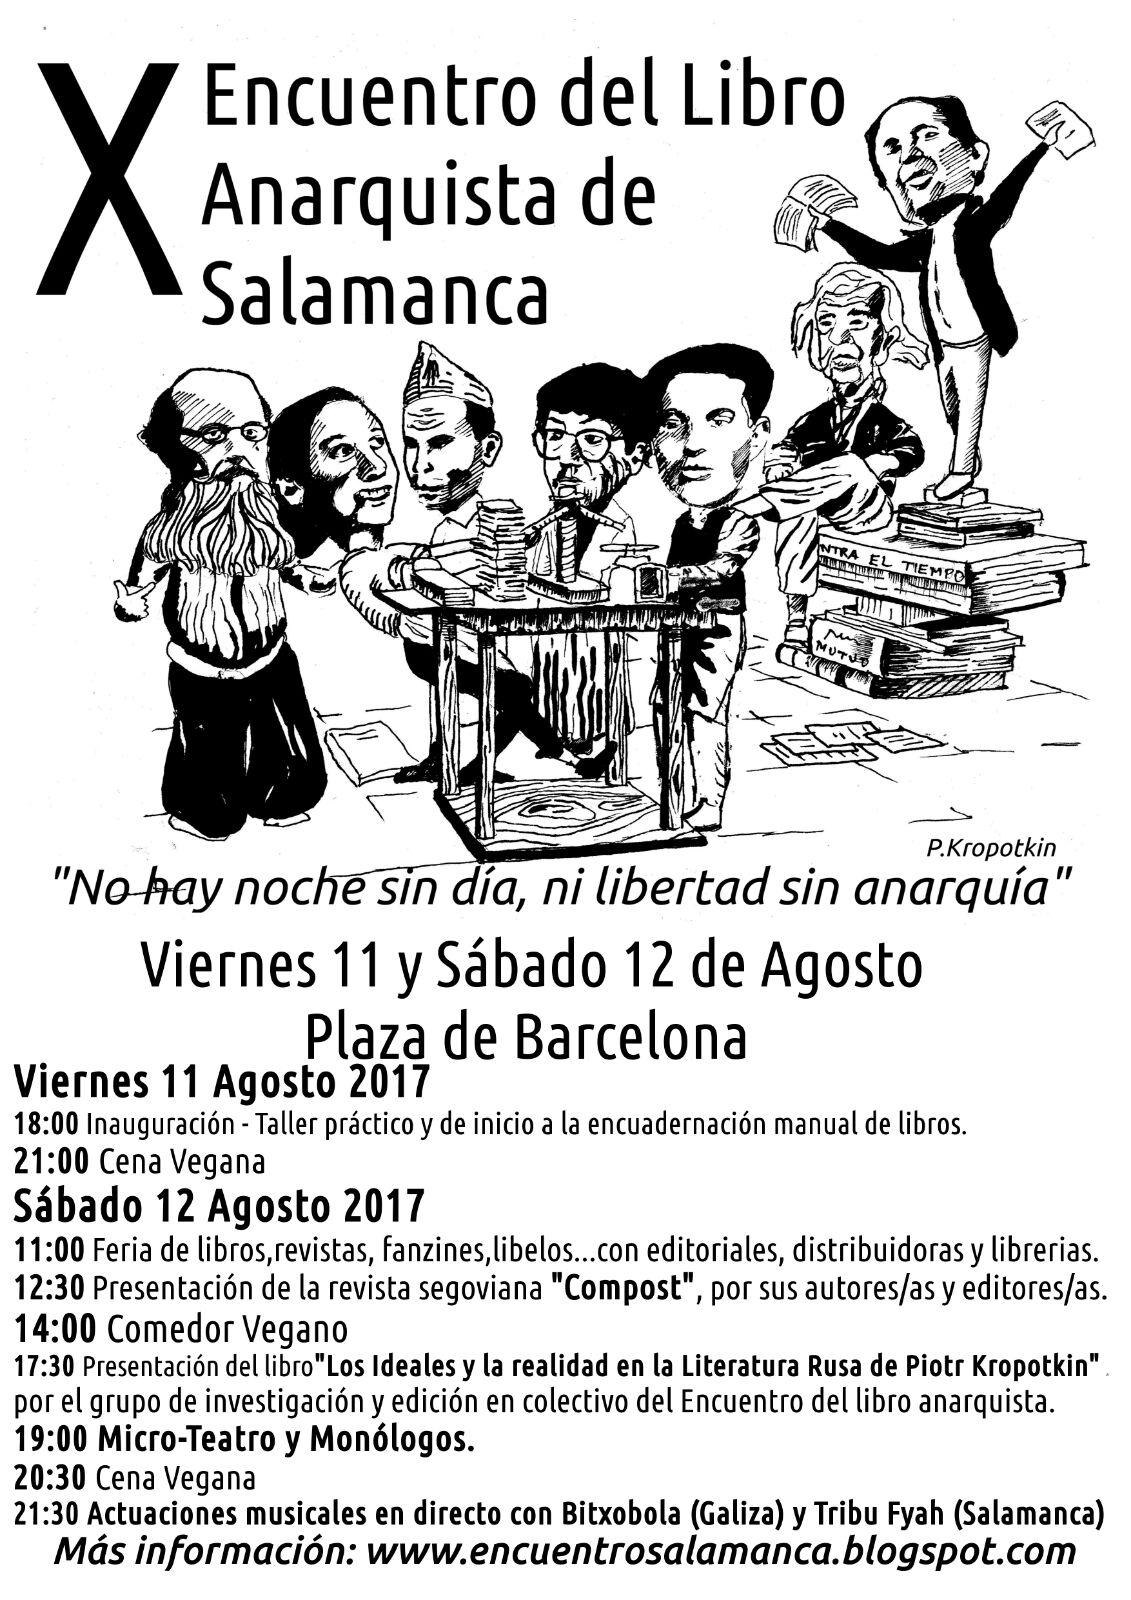 X Encuentro del Libro Anarquista de Salamanca